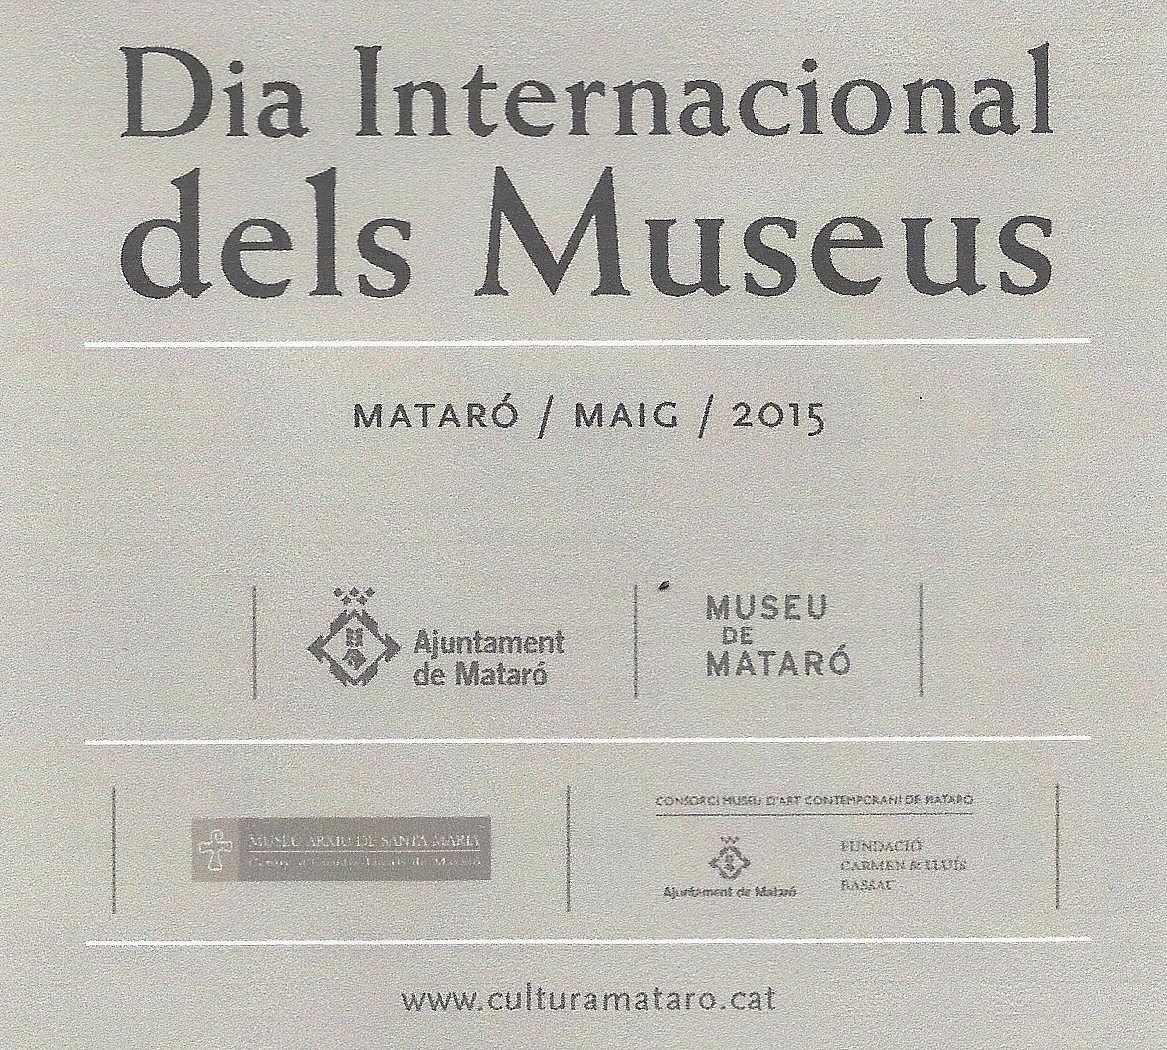 Dia Internacional dels Museus. Conferència a can Marfà